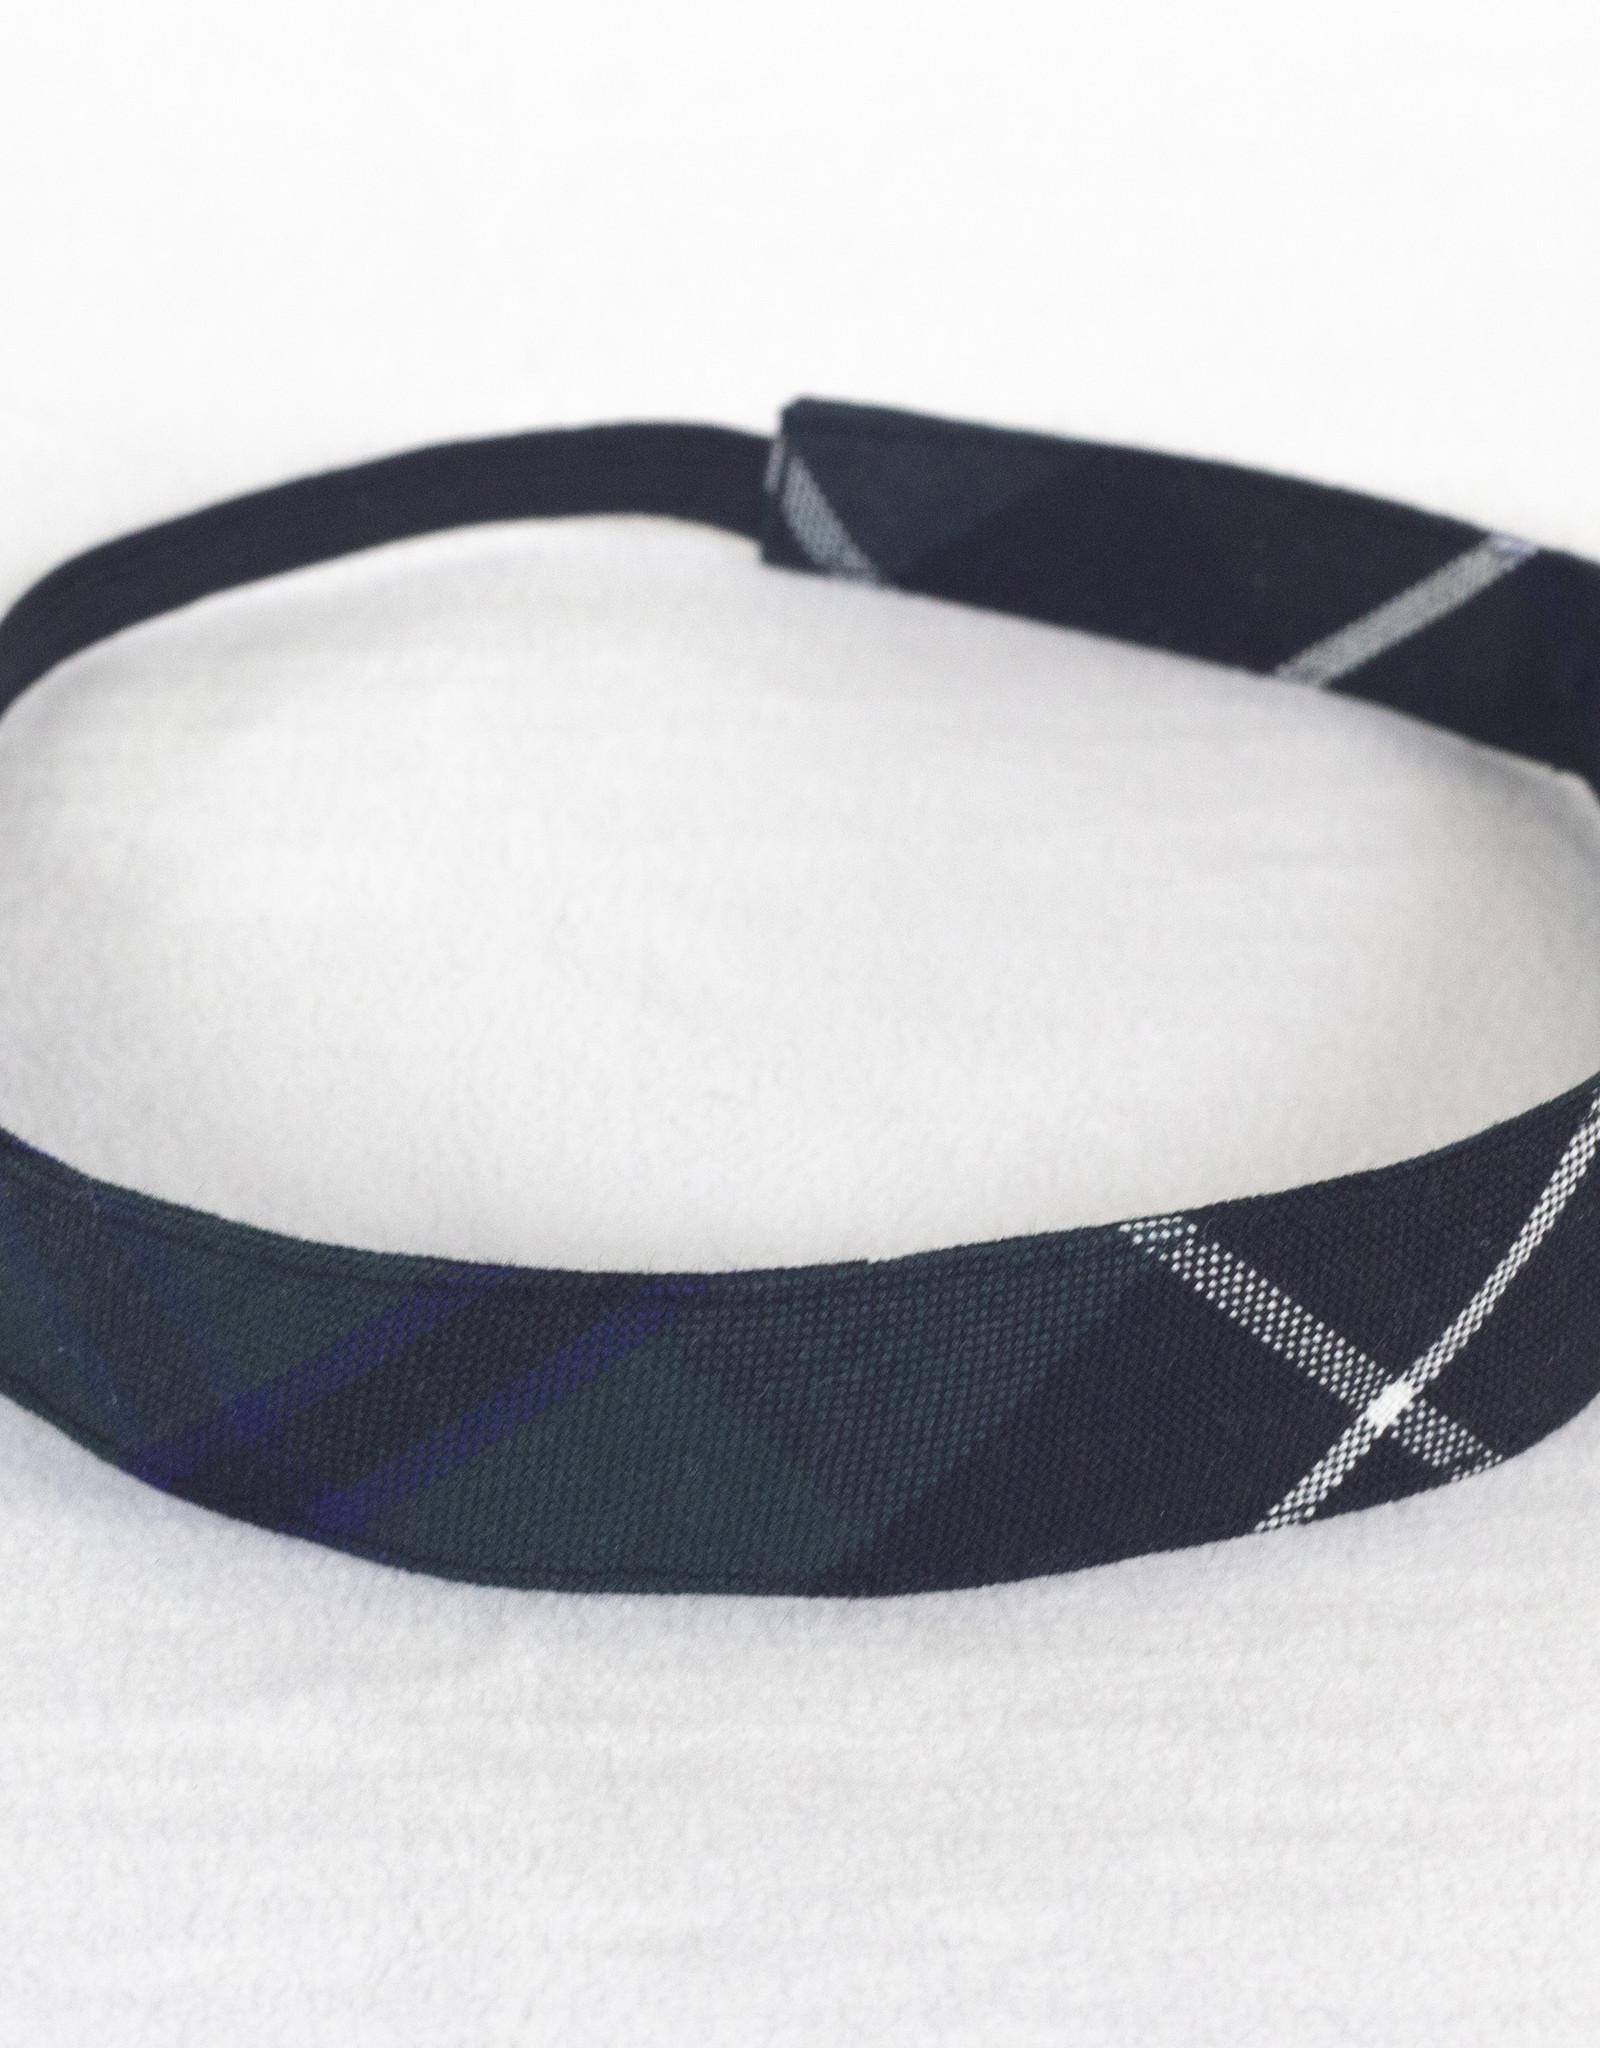 Headband Plaid